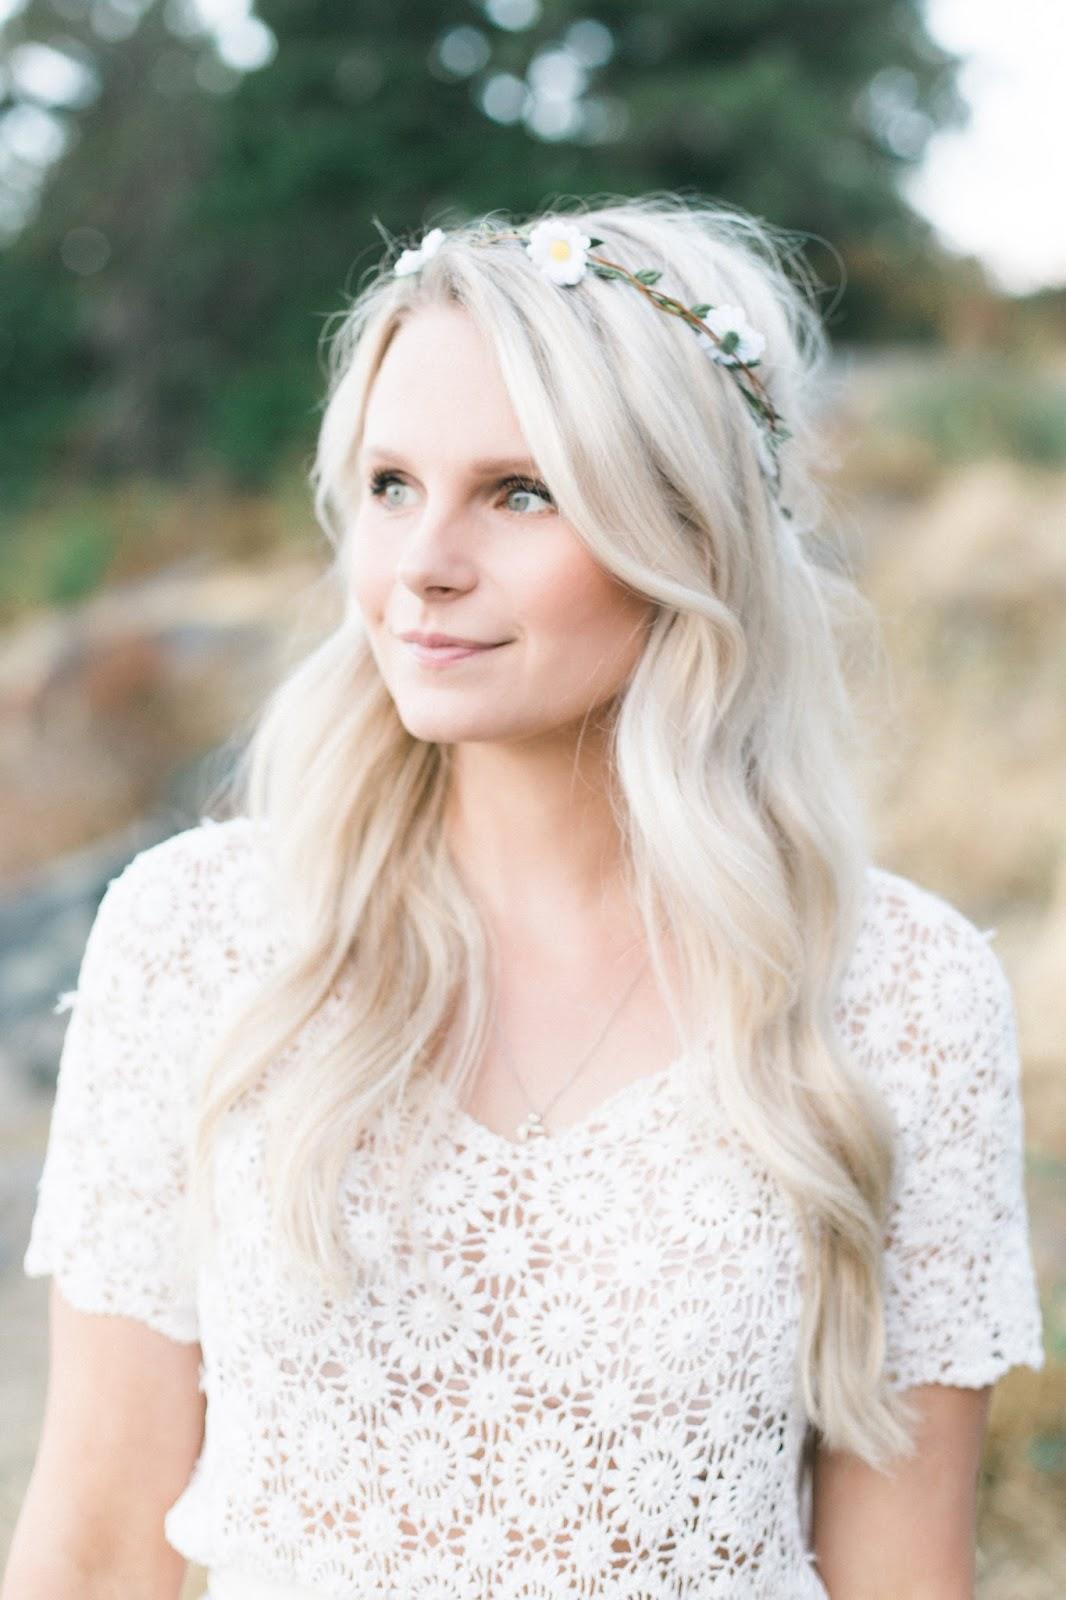 boho hair inspiration for weddings